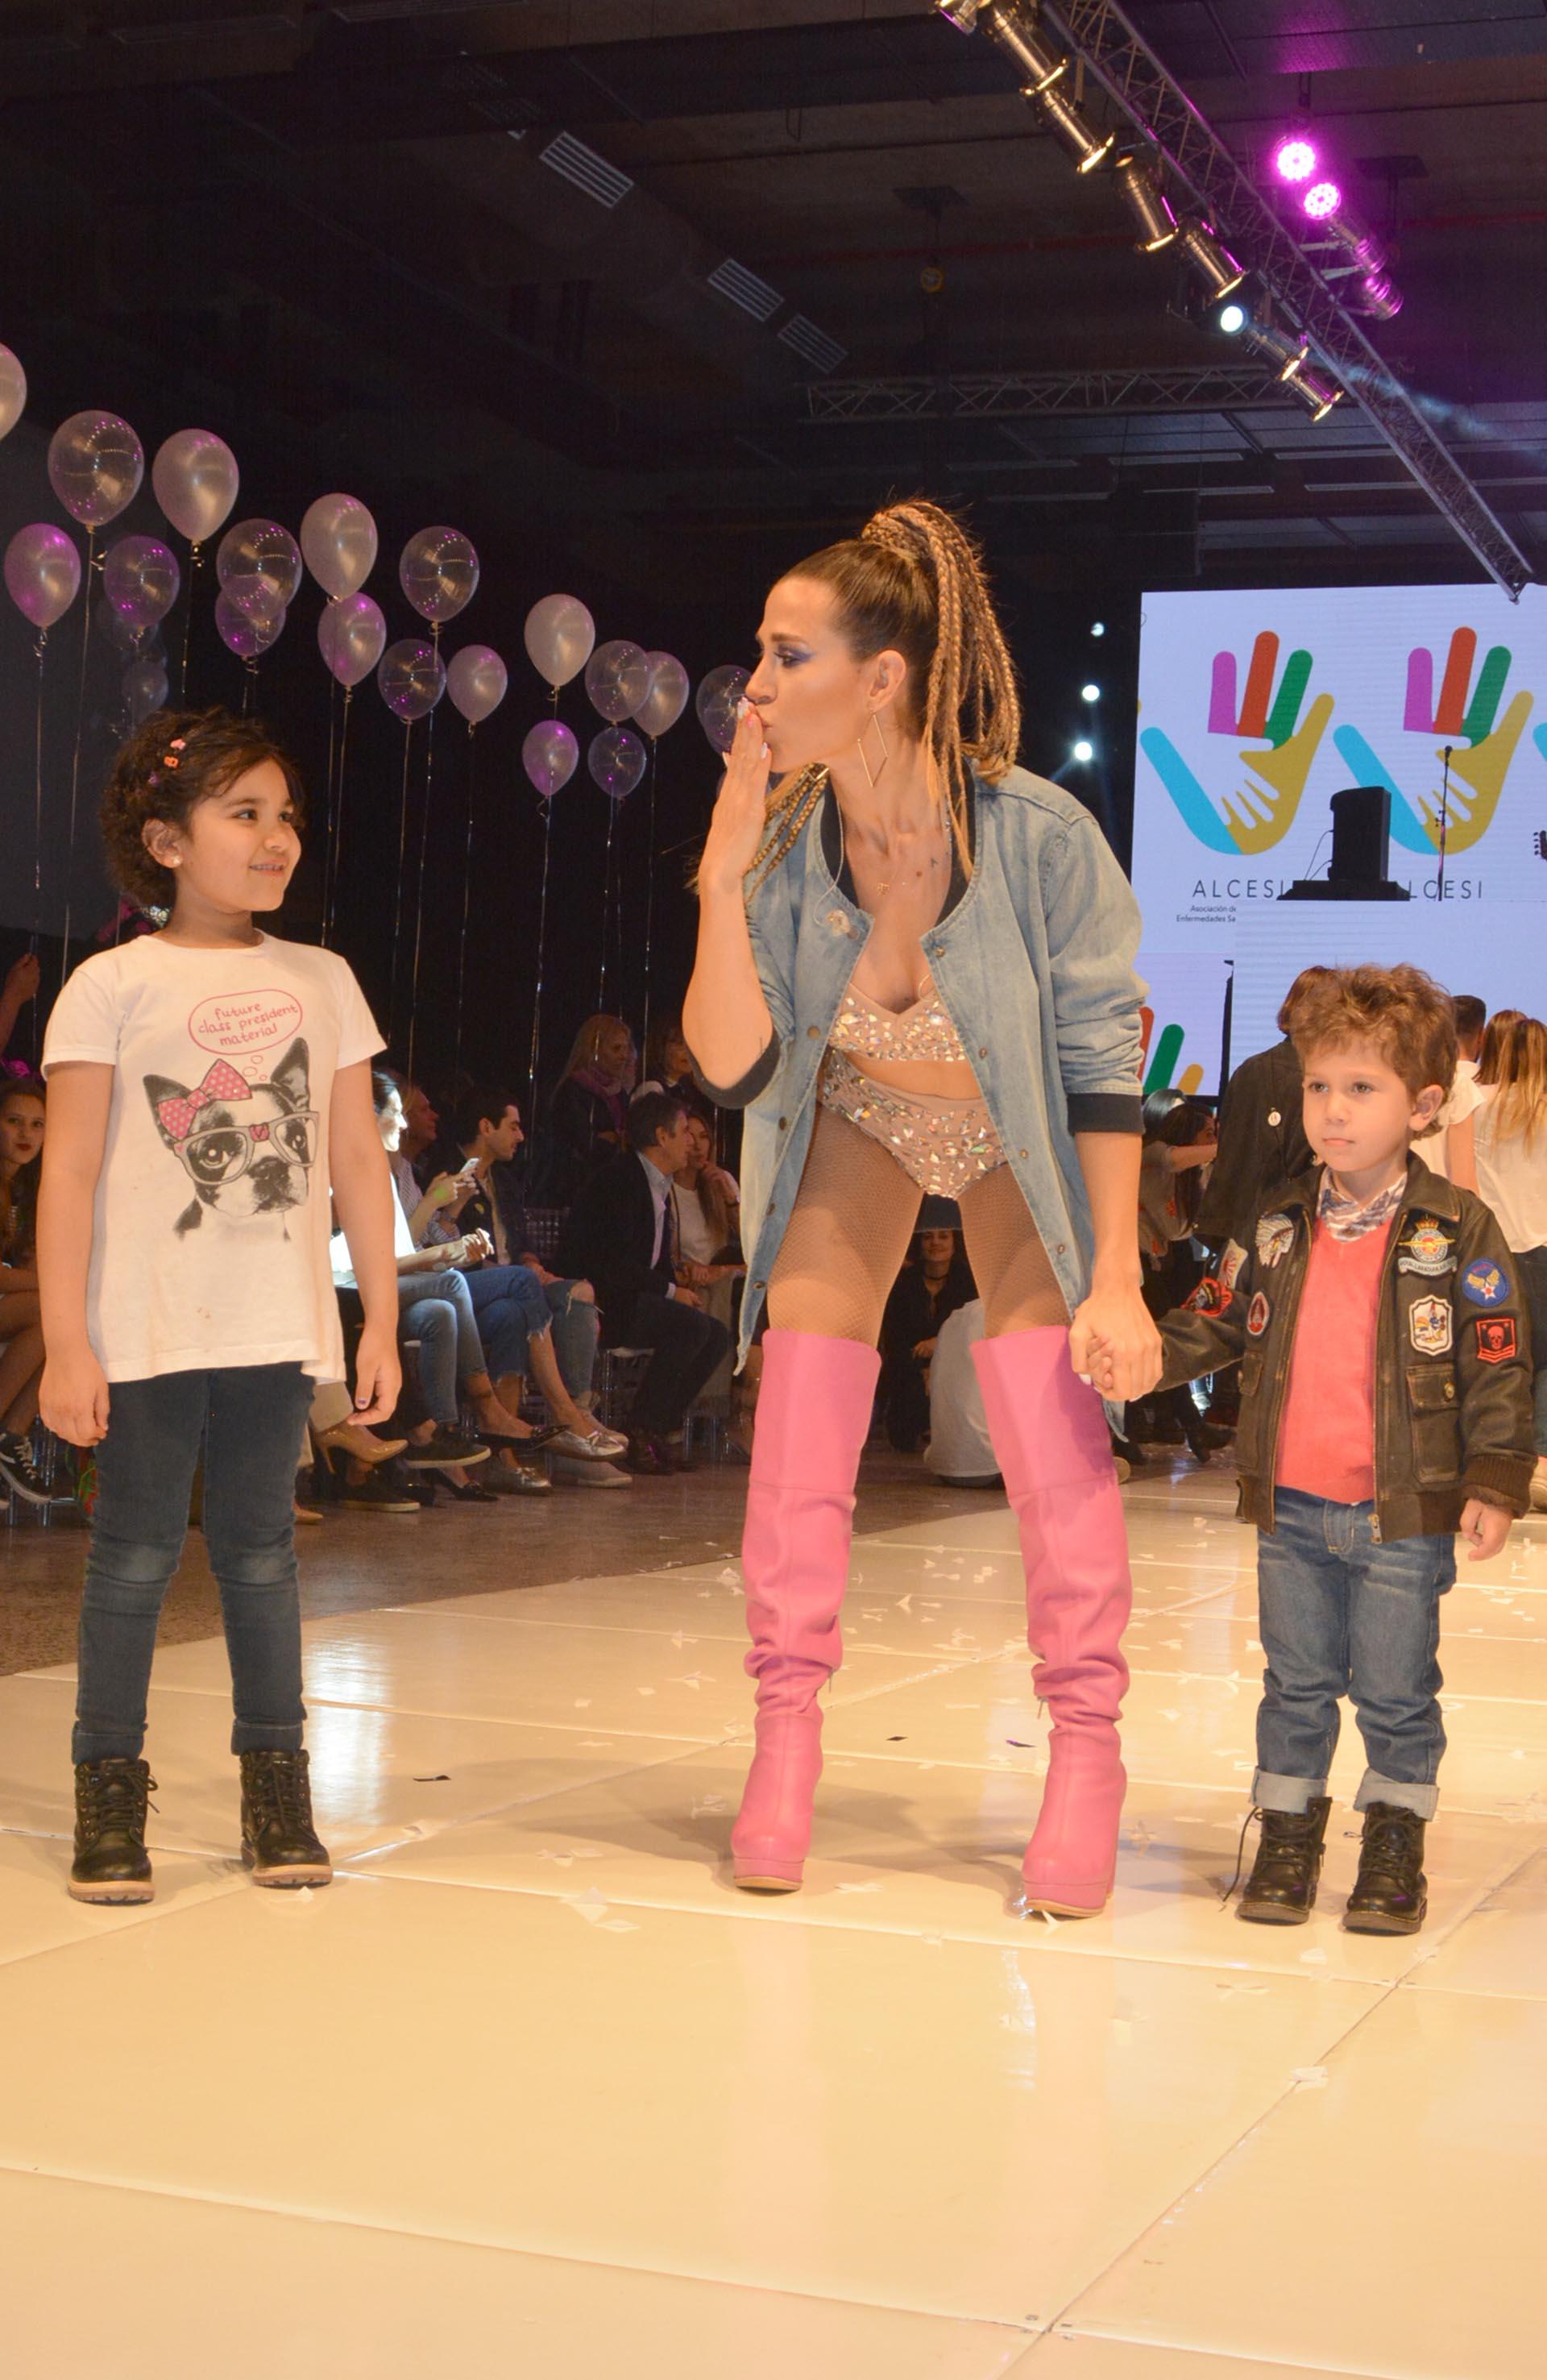 La fundación ALCESI (Asociación de Lucha contra las Enfermedades Sanguíneas Infantiles) ayuda a niños en el Hospital Ricardo Gutiérrez